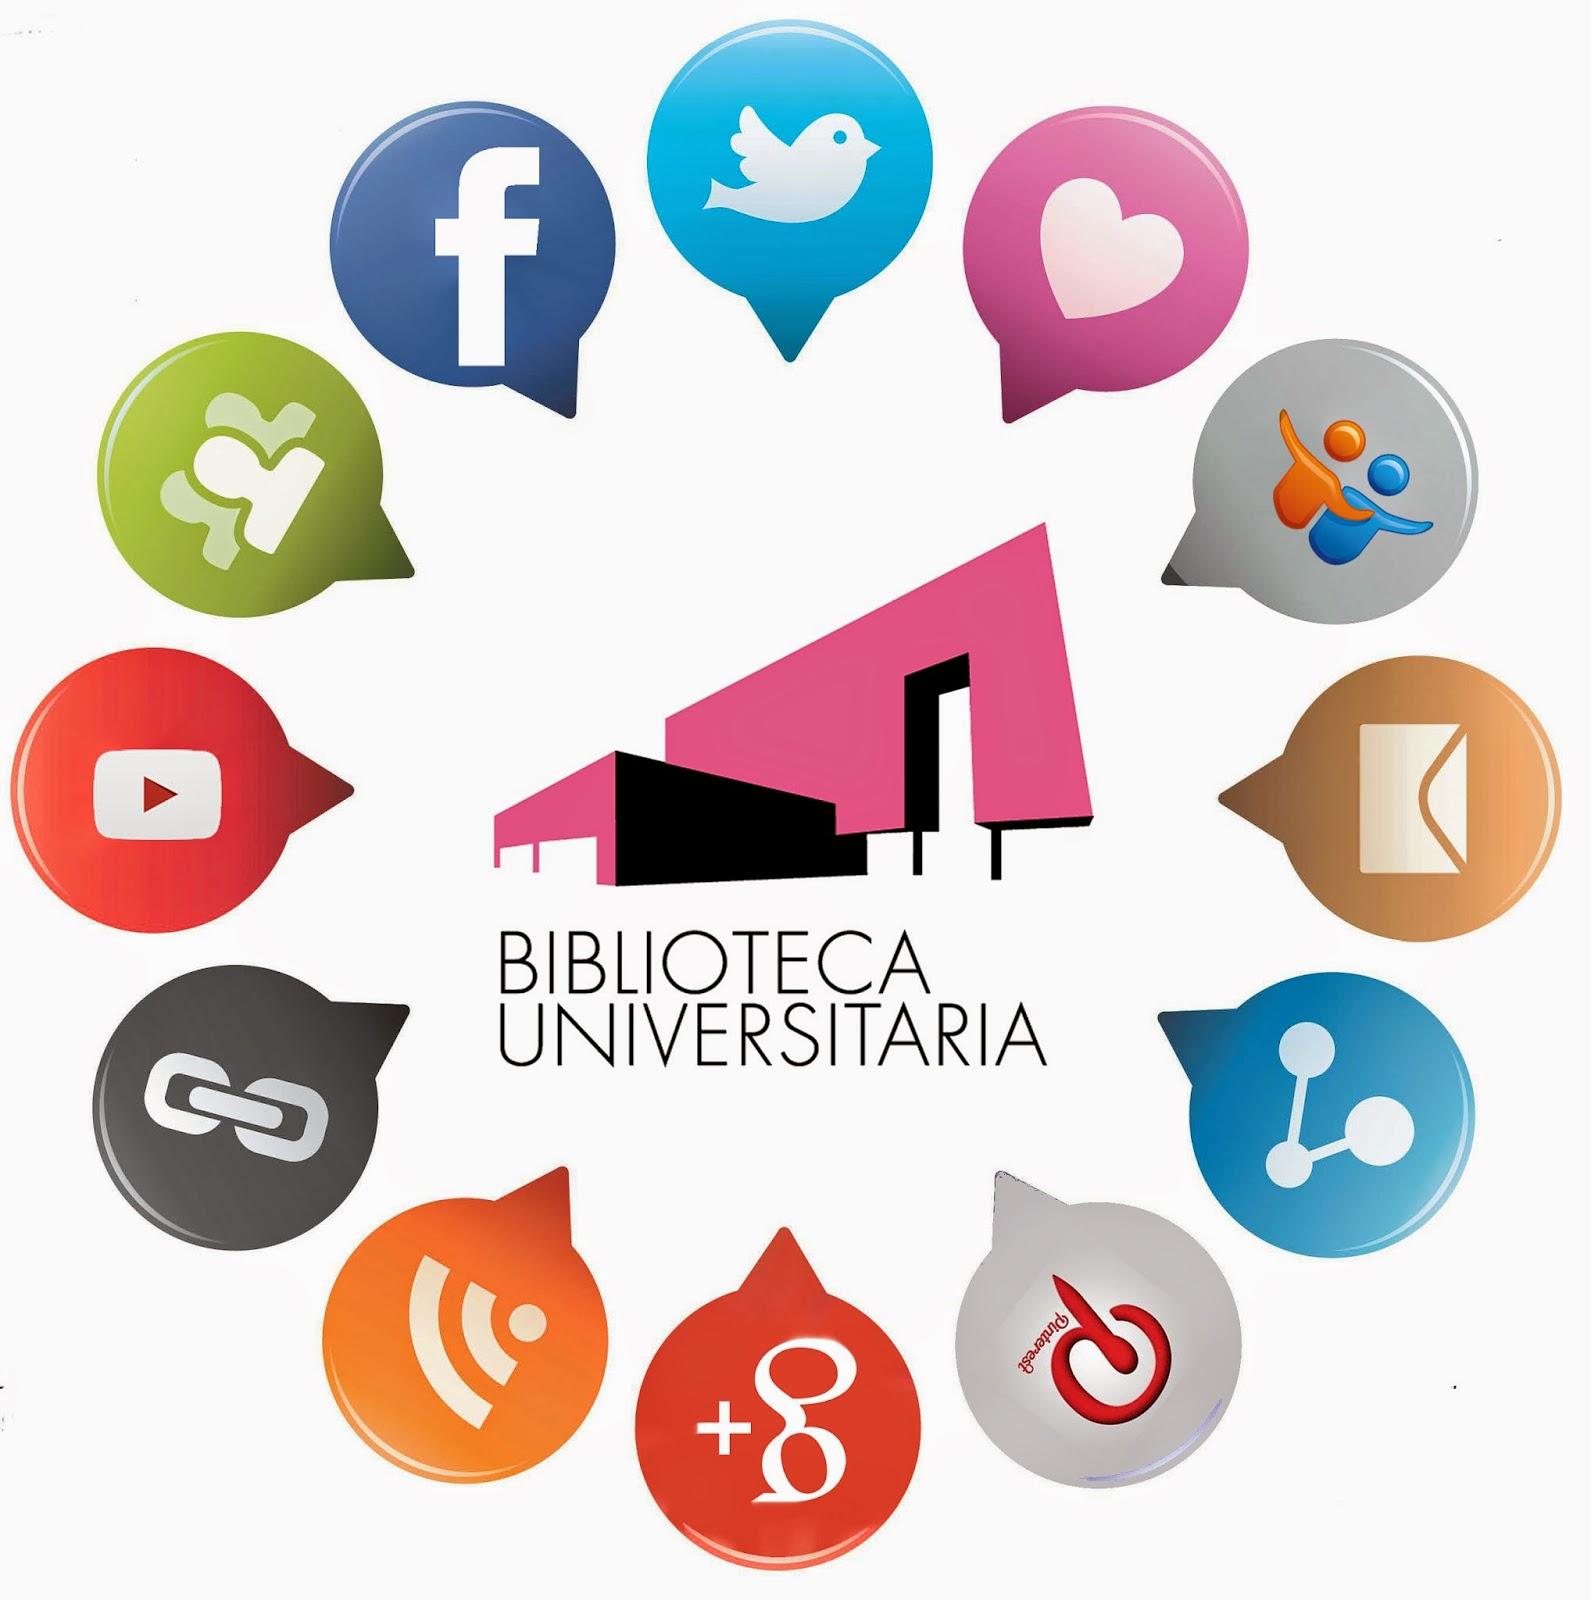 Biblioteca y redes sociales.